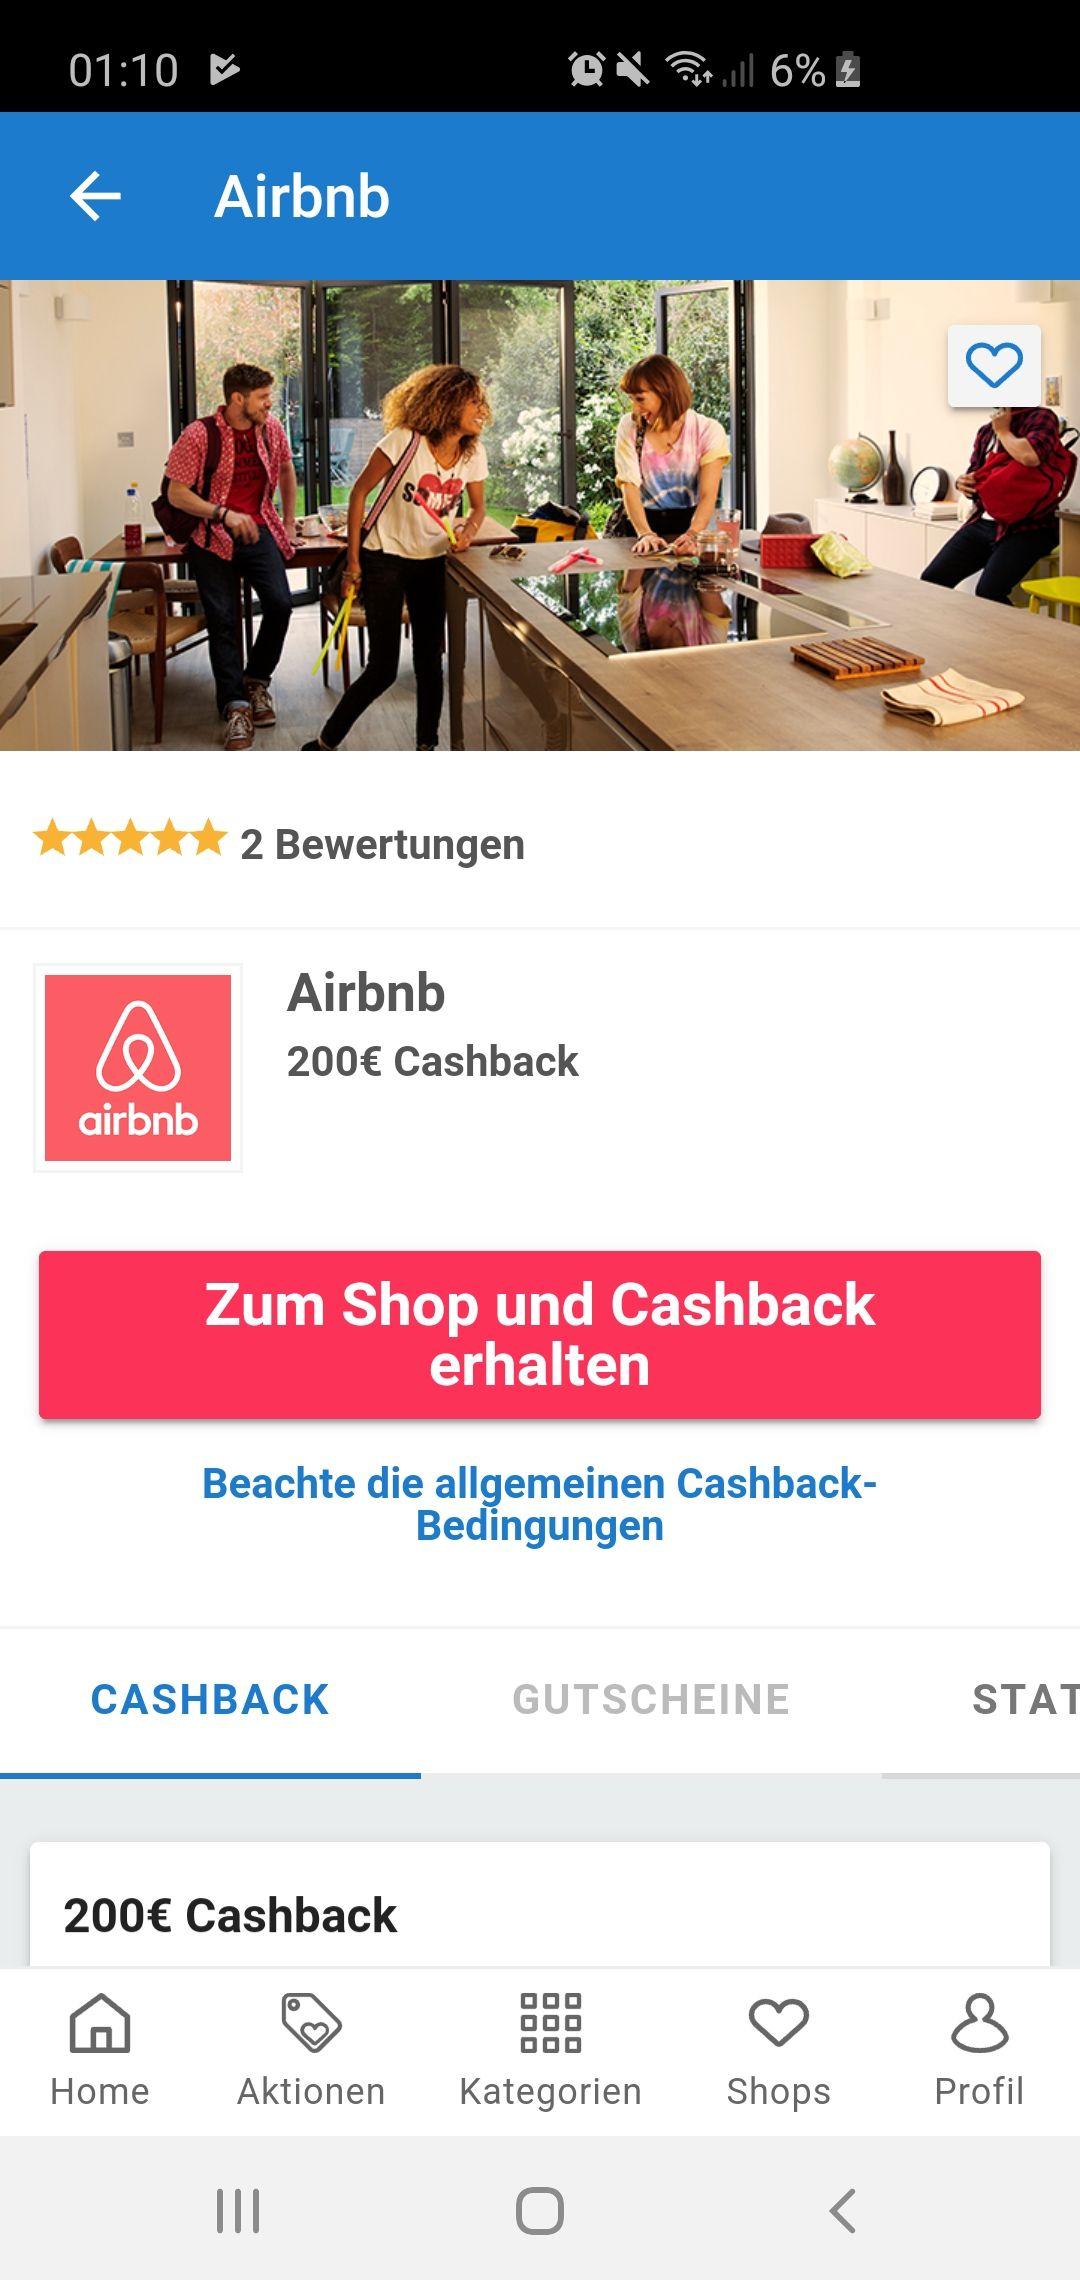 200€ Cashback bei erfolgreicher Vermietung über Airbnb